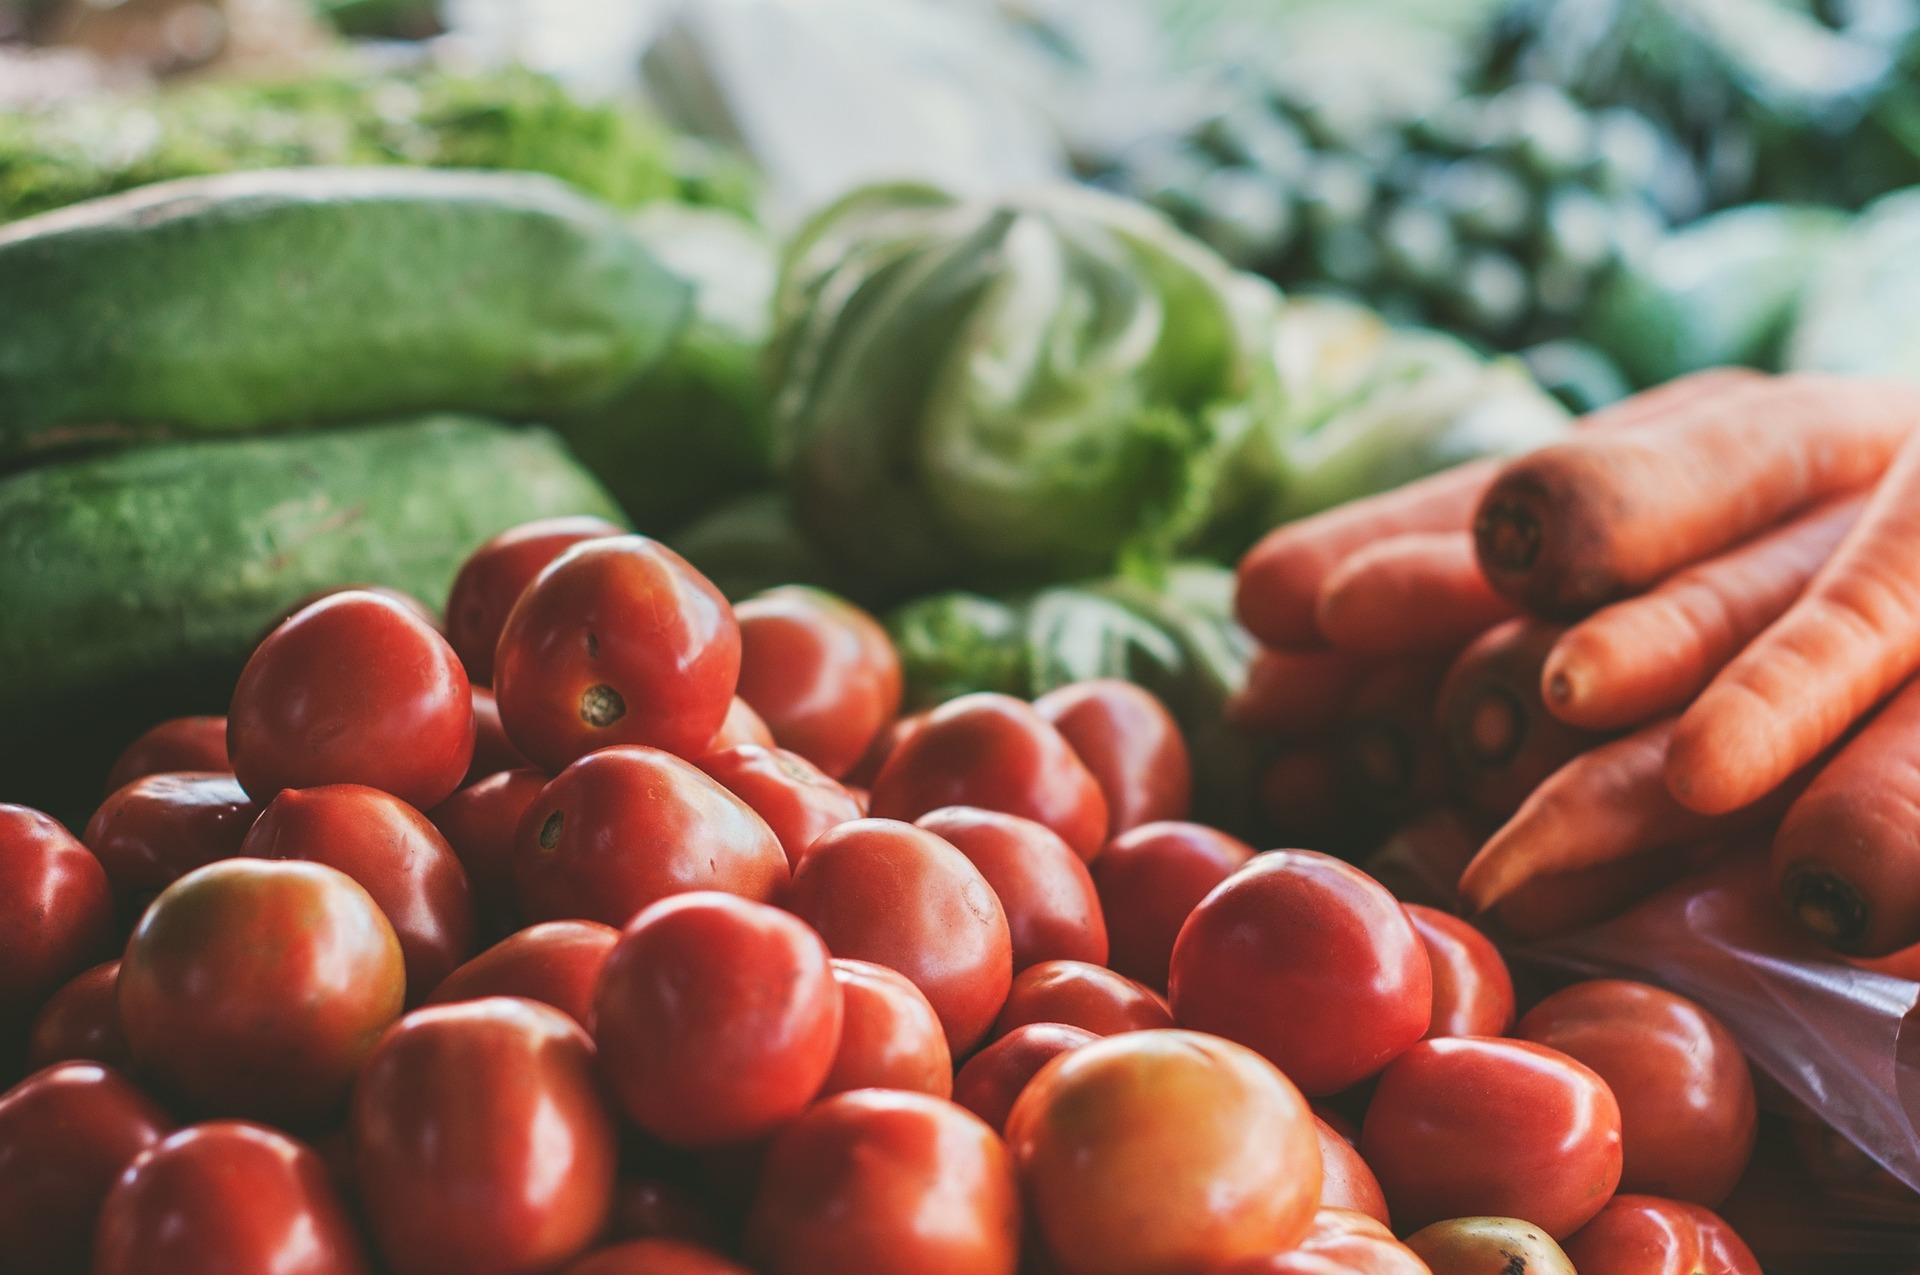 Россия максимально приблизилась к Белоруссии по уровню продовольственной безопасности